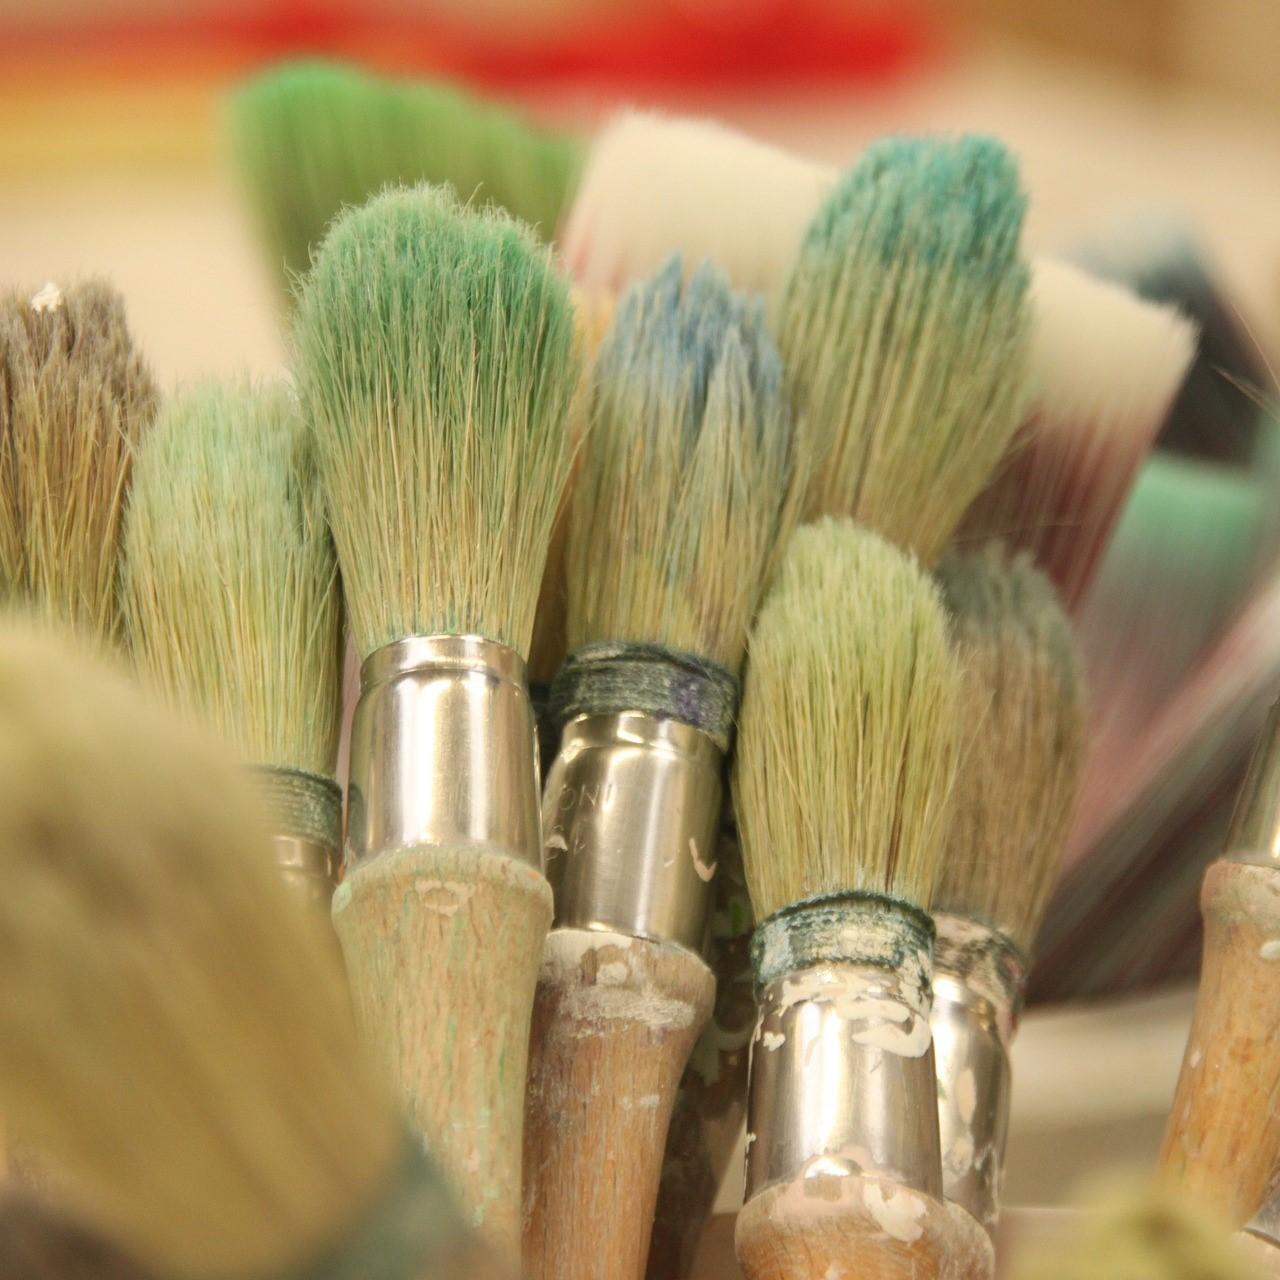 Maak een stilleven of landschap in kleurpotlood of acrylverf